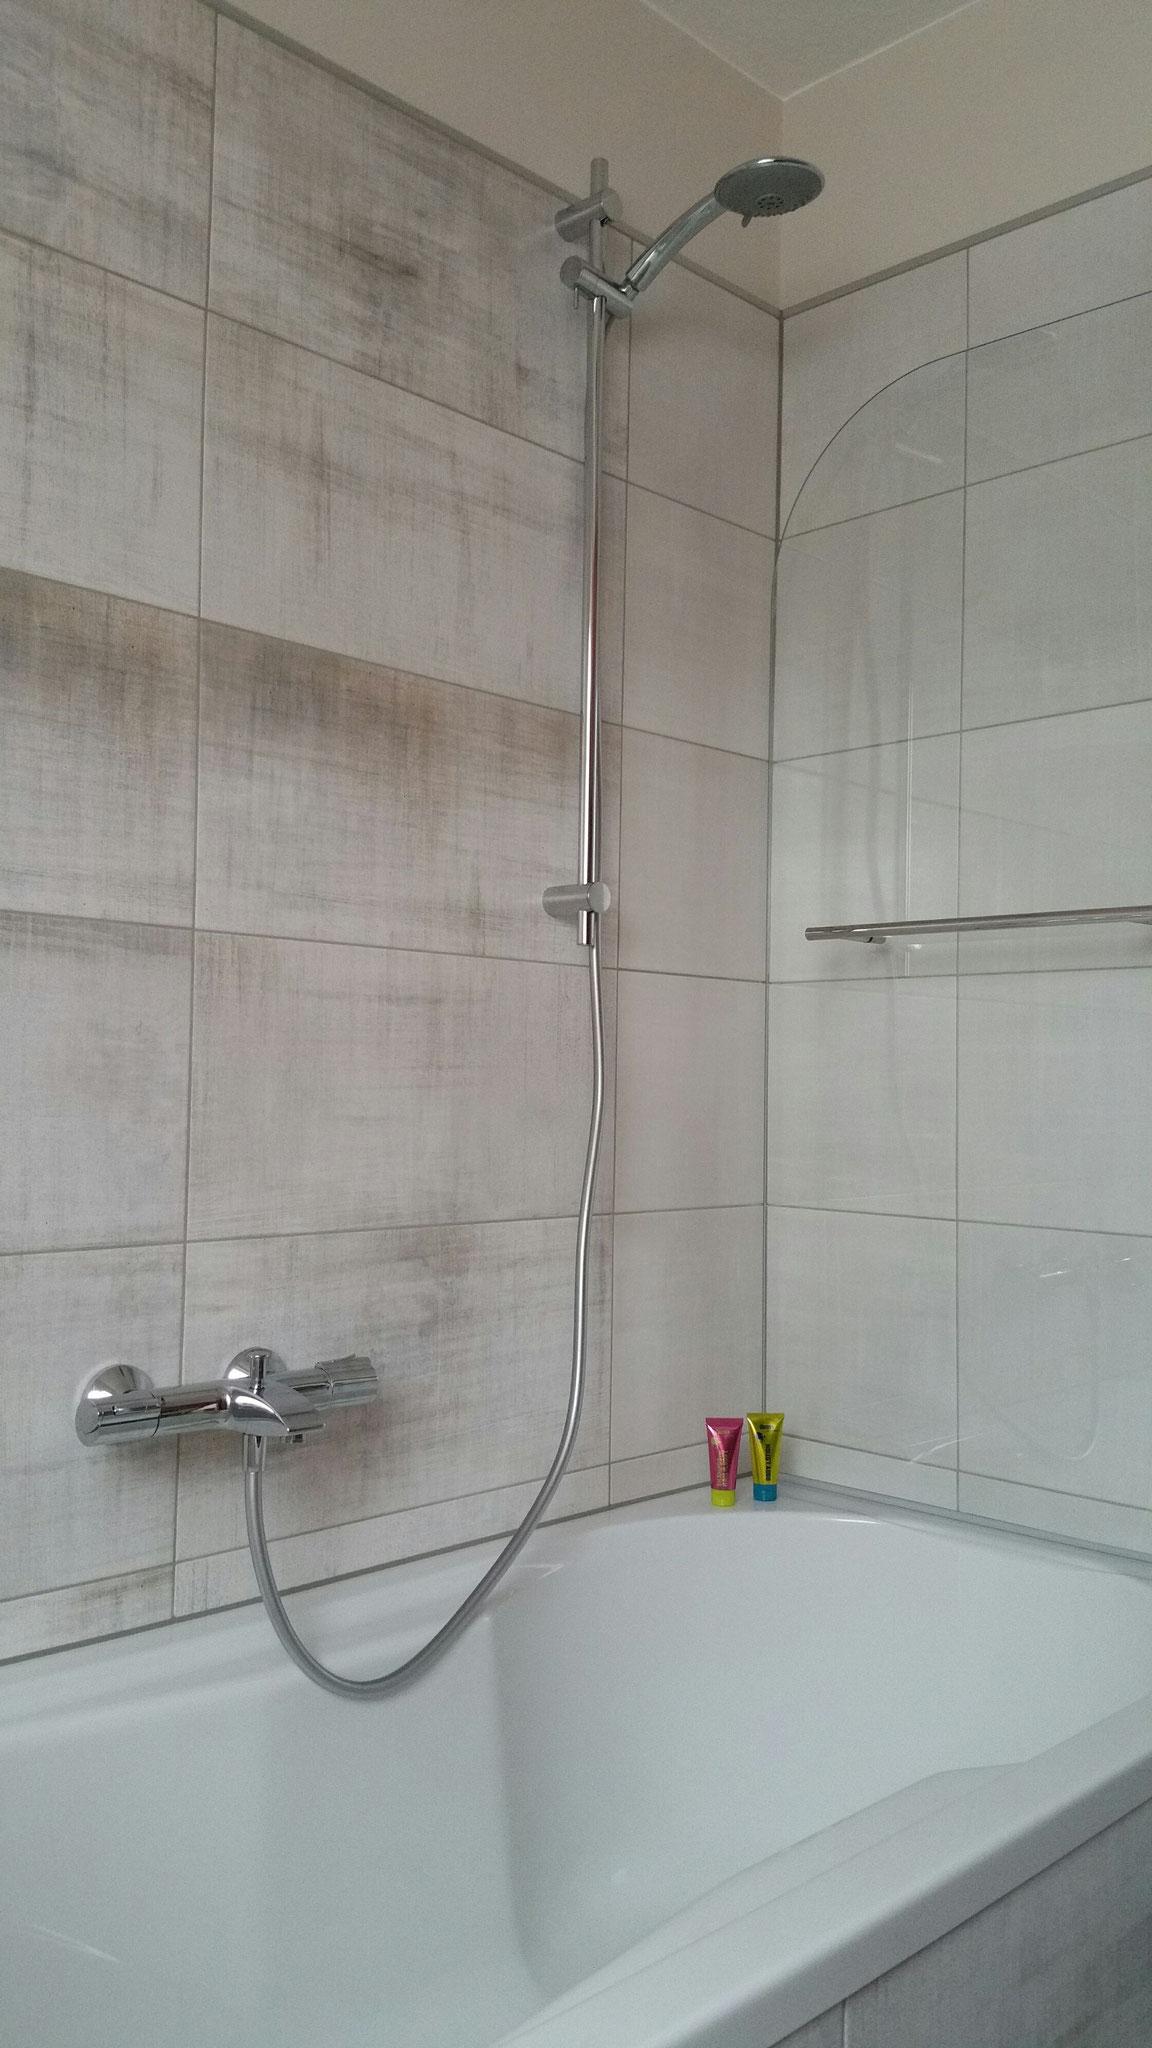 Bad Komfort Zimmer 7 -  Badewanne mit integriertem Duschbereich - praktisch für alle, die gerne beides genießen wollen!